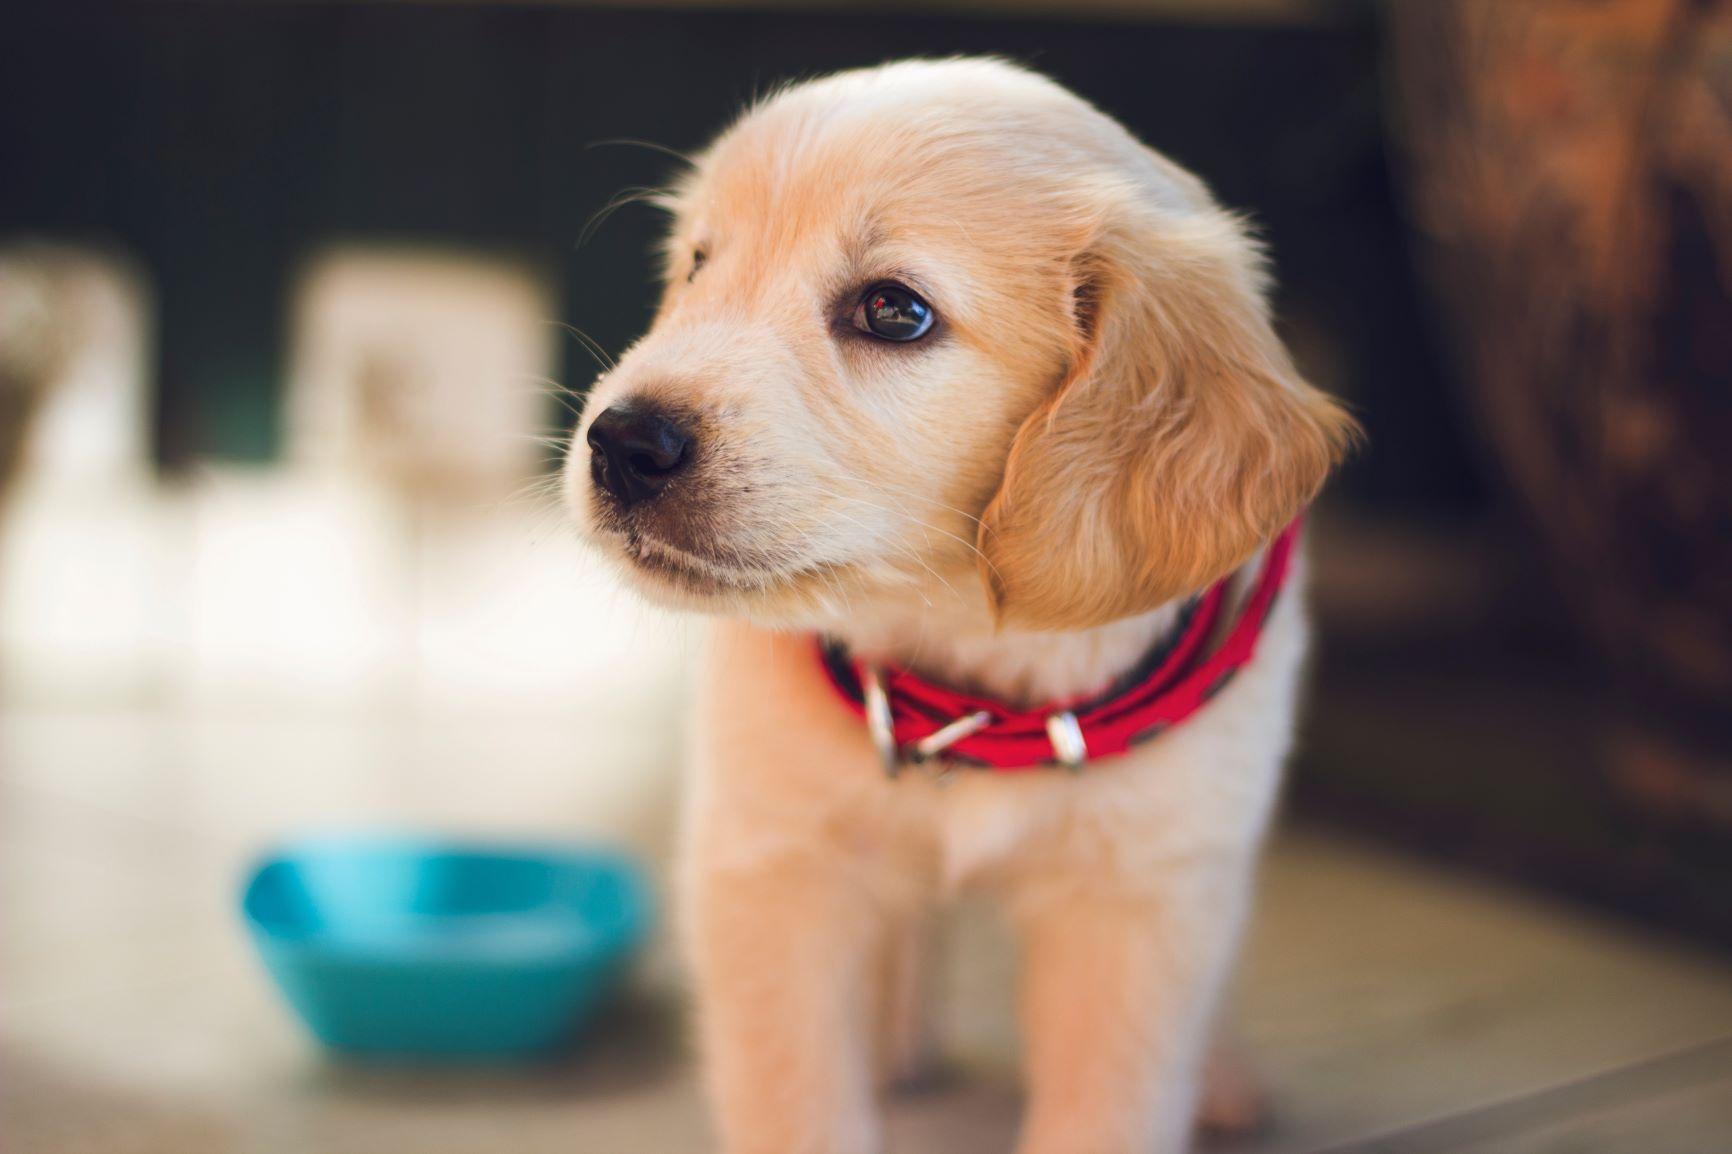 Časté chyby v krmení psů